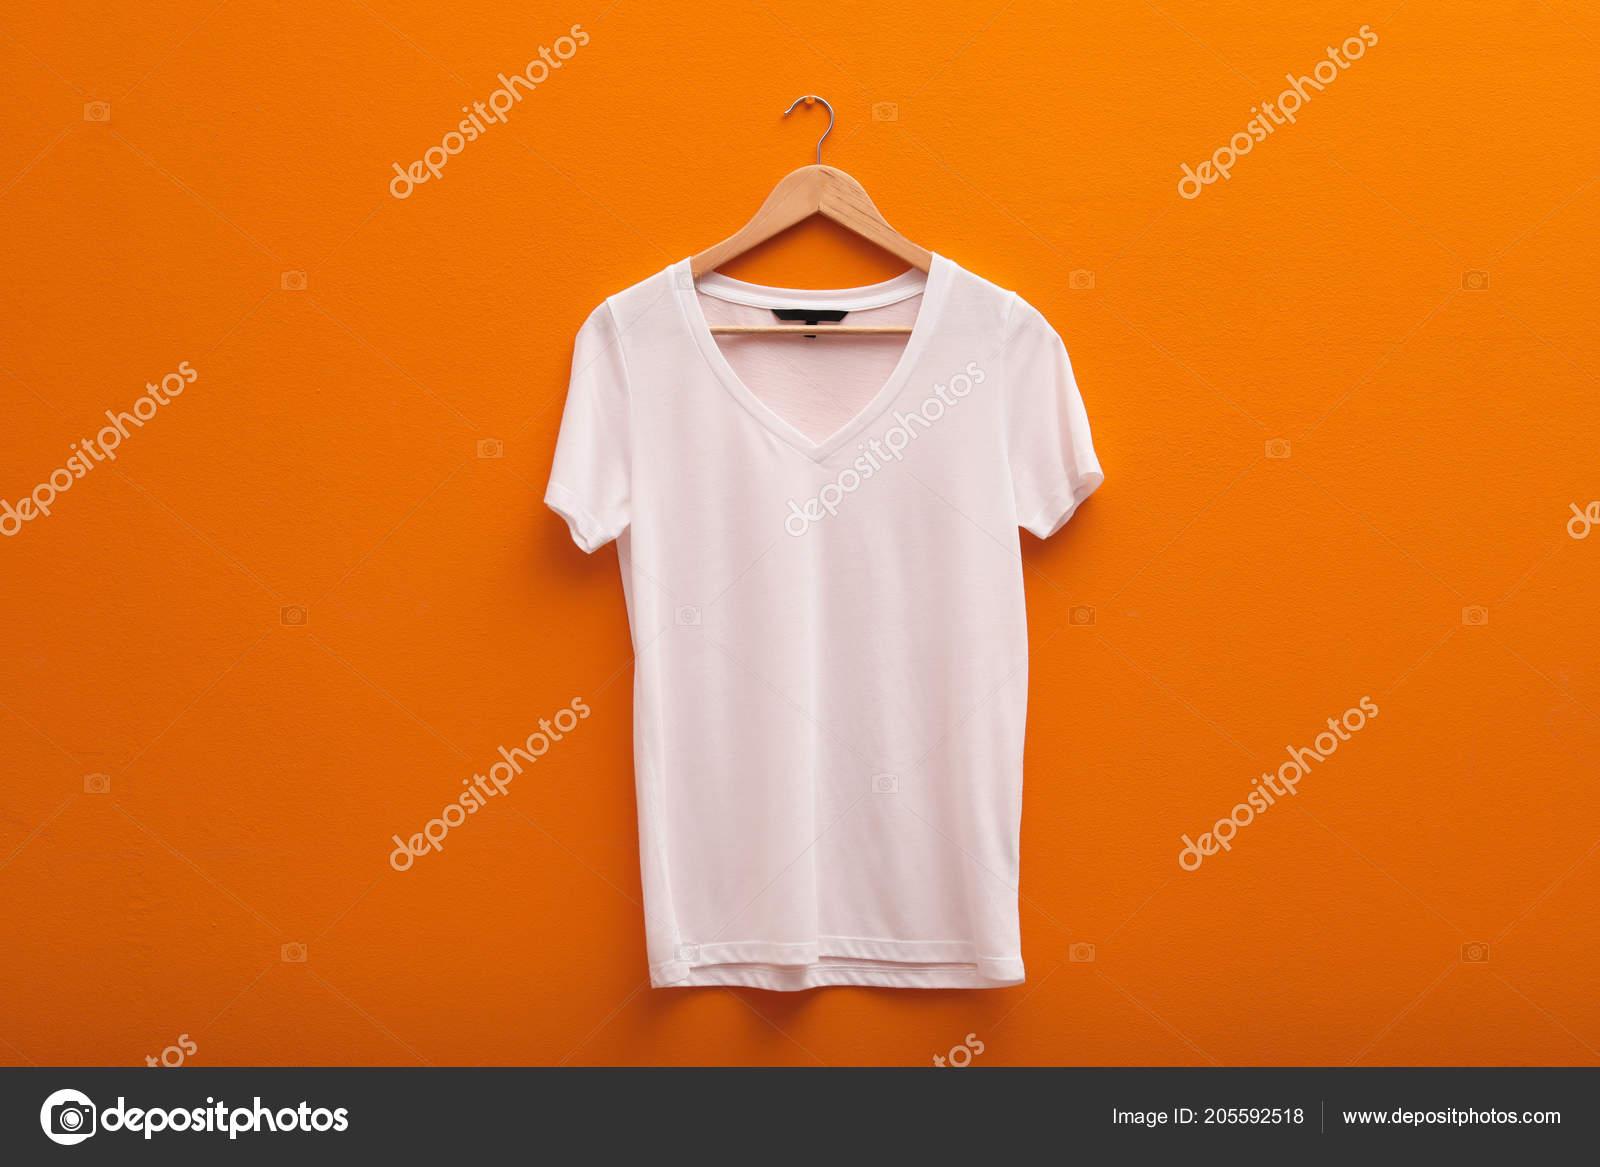 Hanger Blank Shirt Color Background Mockup Design Stock Photo